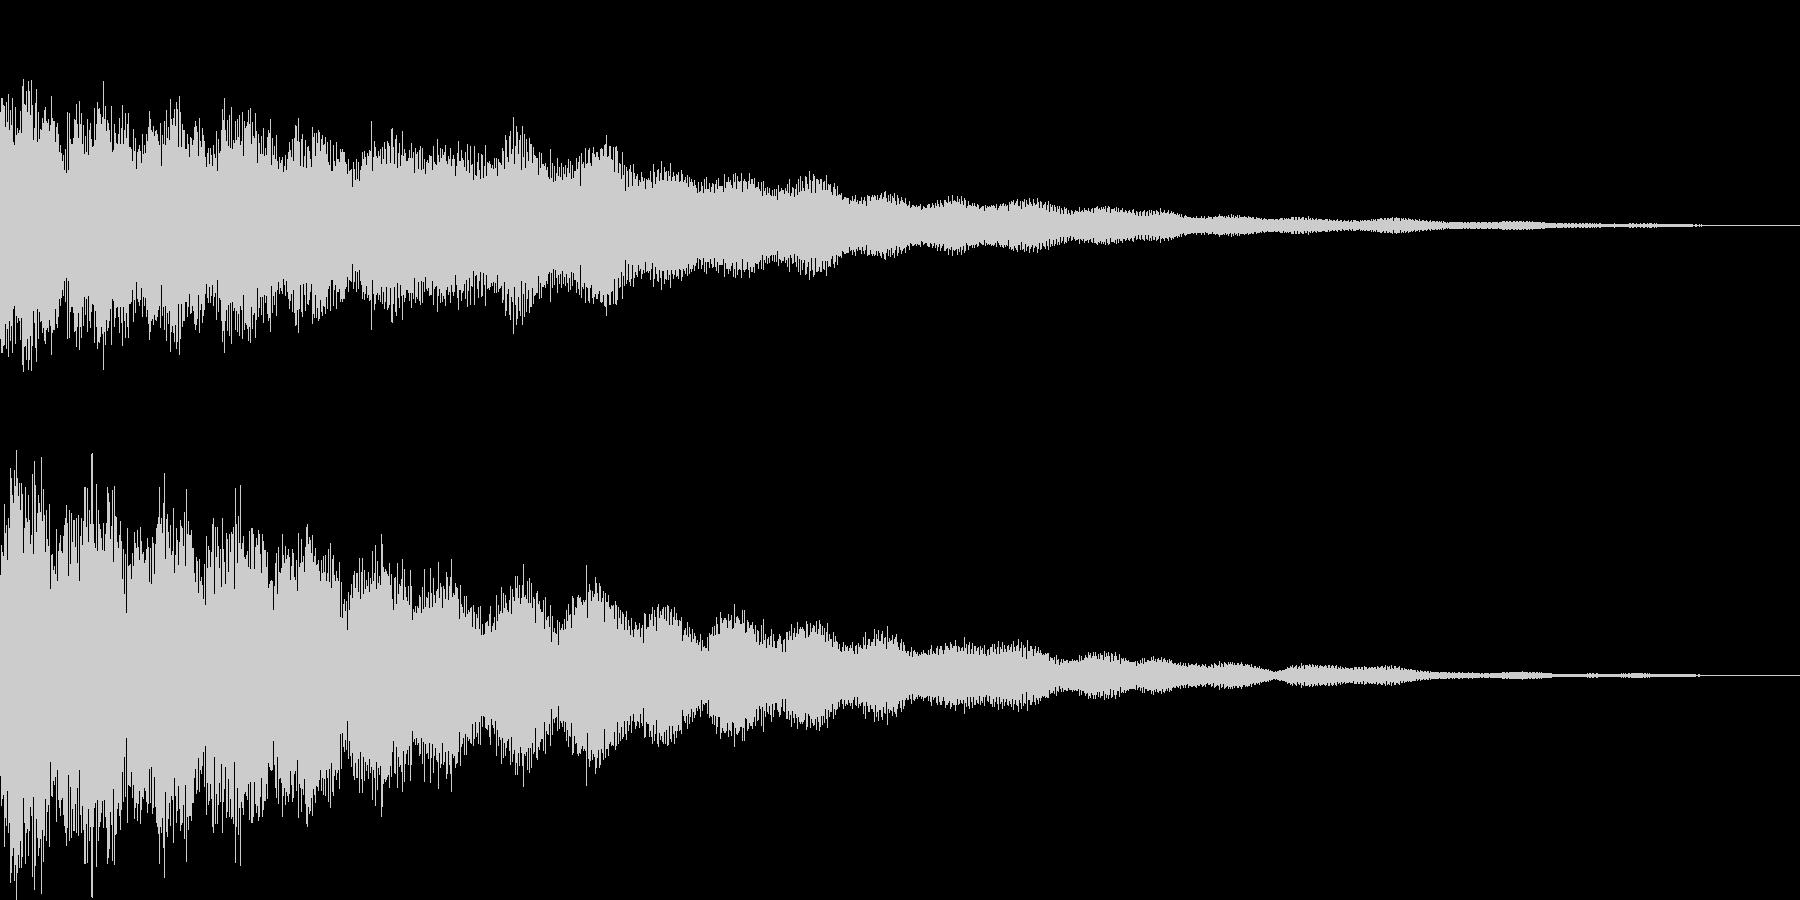 【ゲーム用SE】キーン(金属音)の未再生の波形